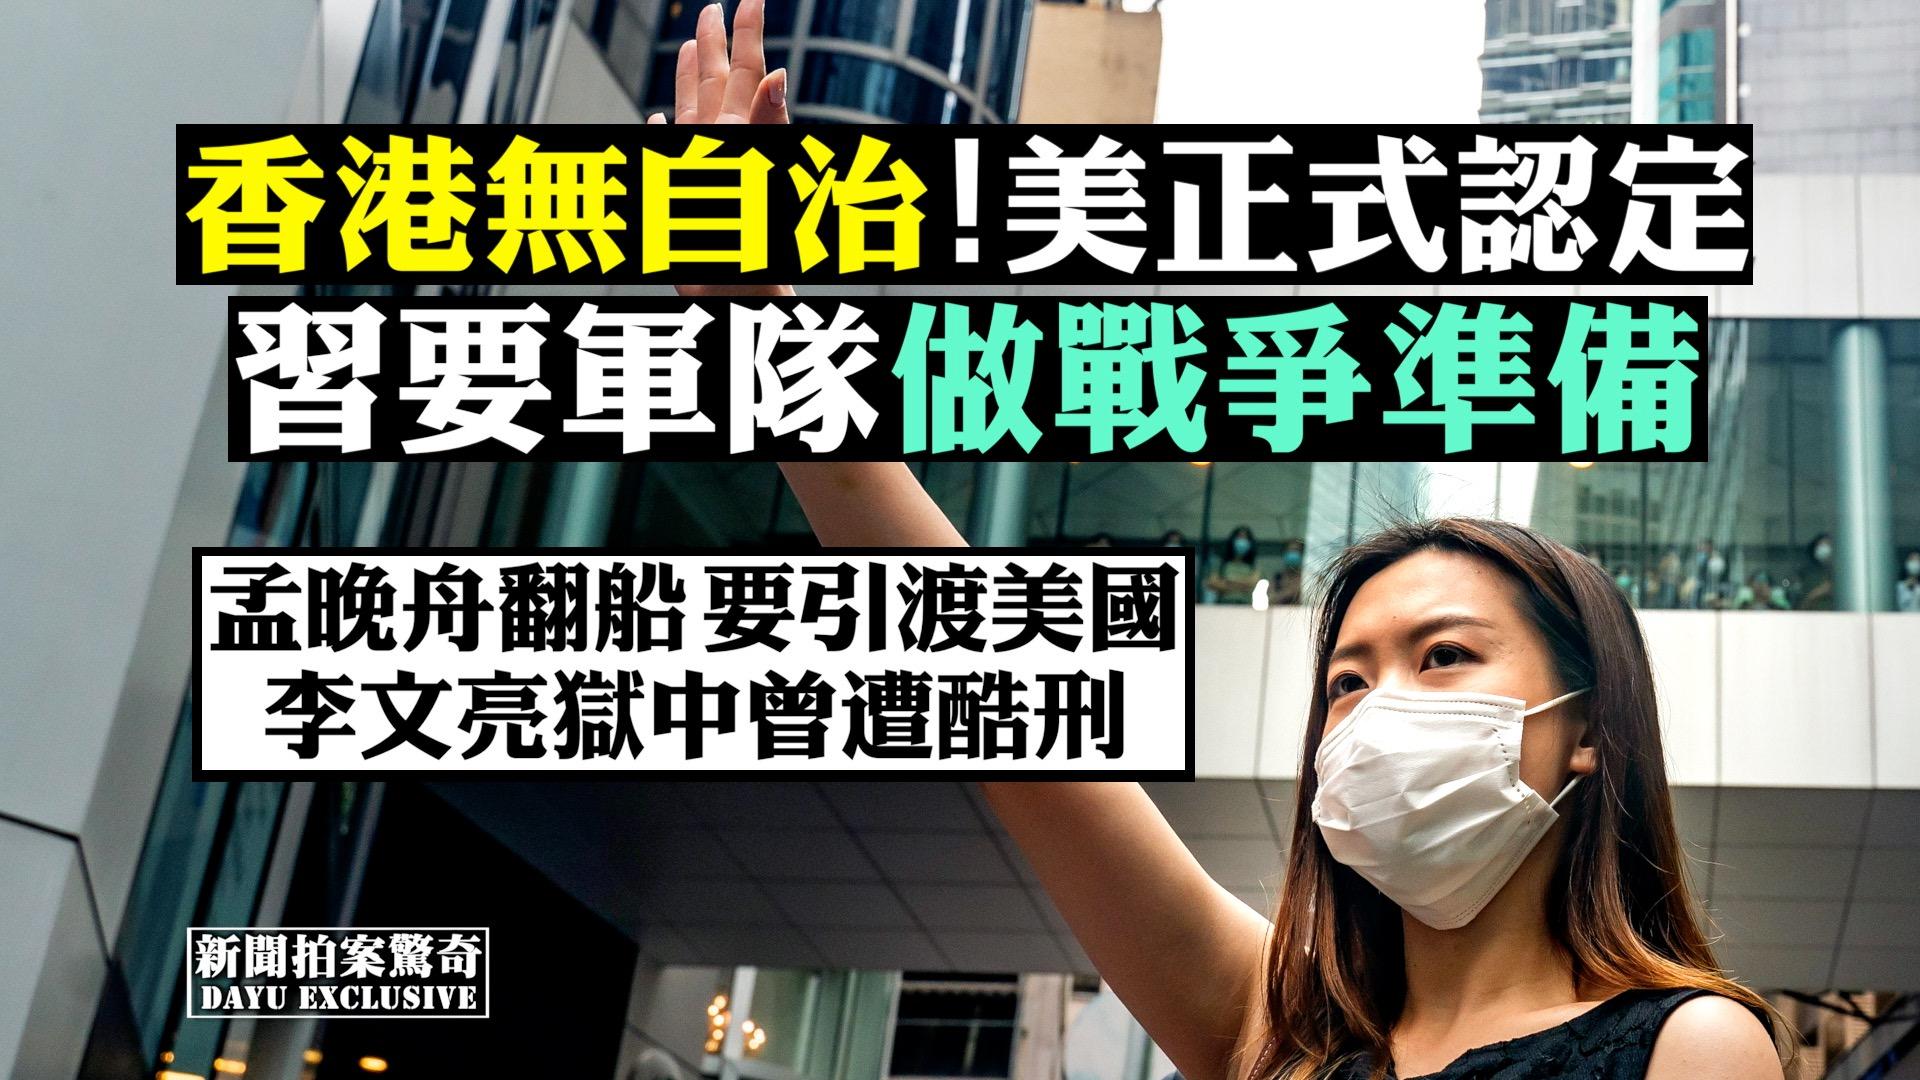 【拍案驚奇】孟晚舟翻船 香港悲壯5.27!